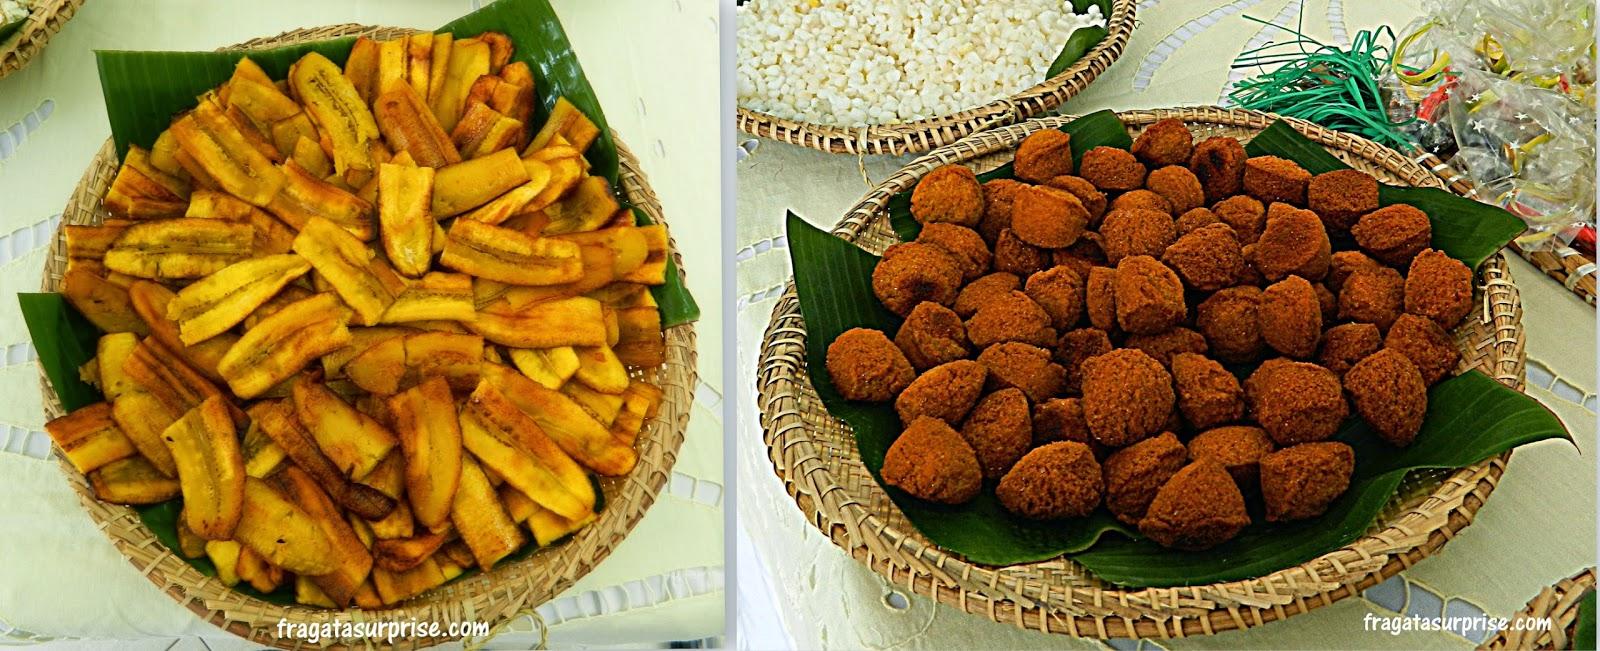 Complementos do caruru: banana frita e acarajé